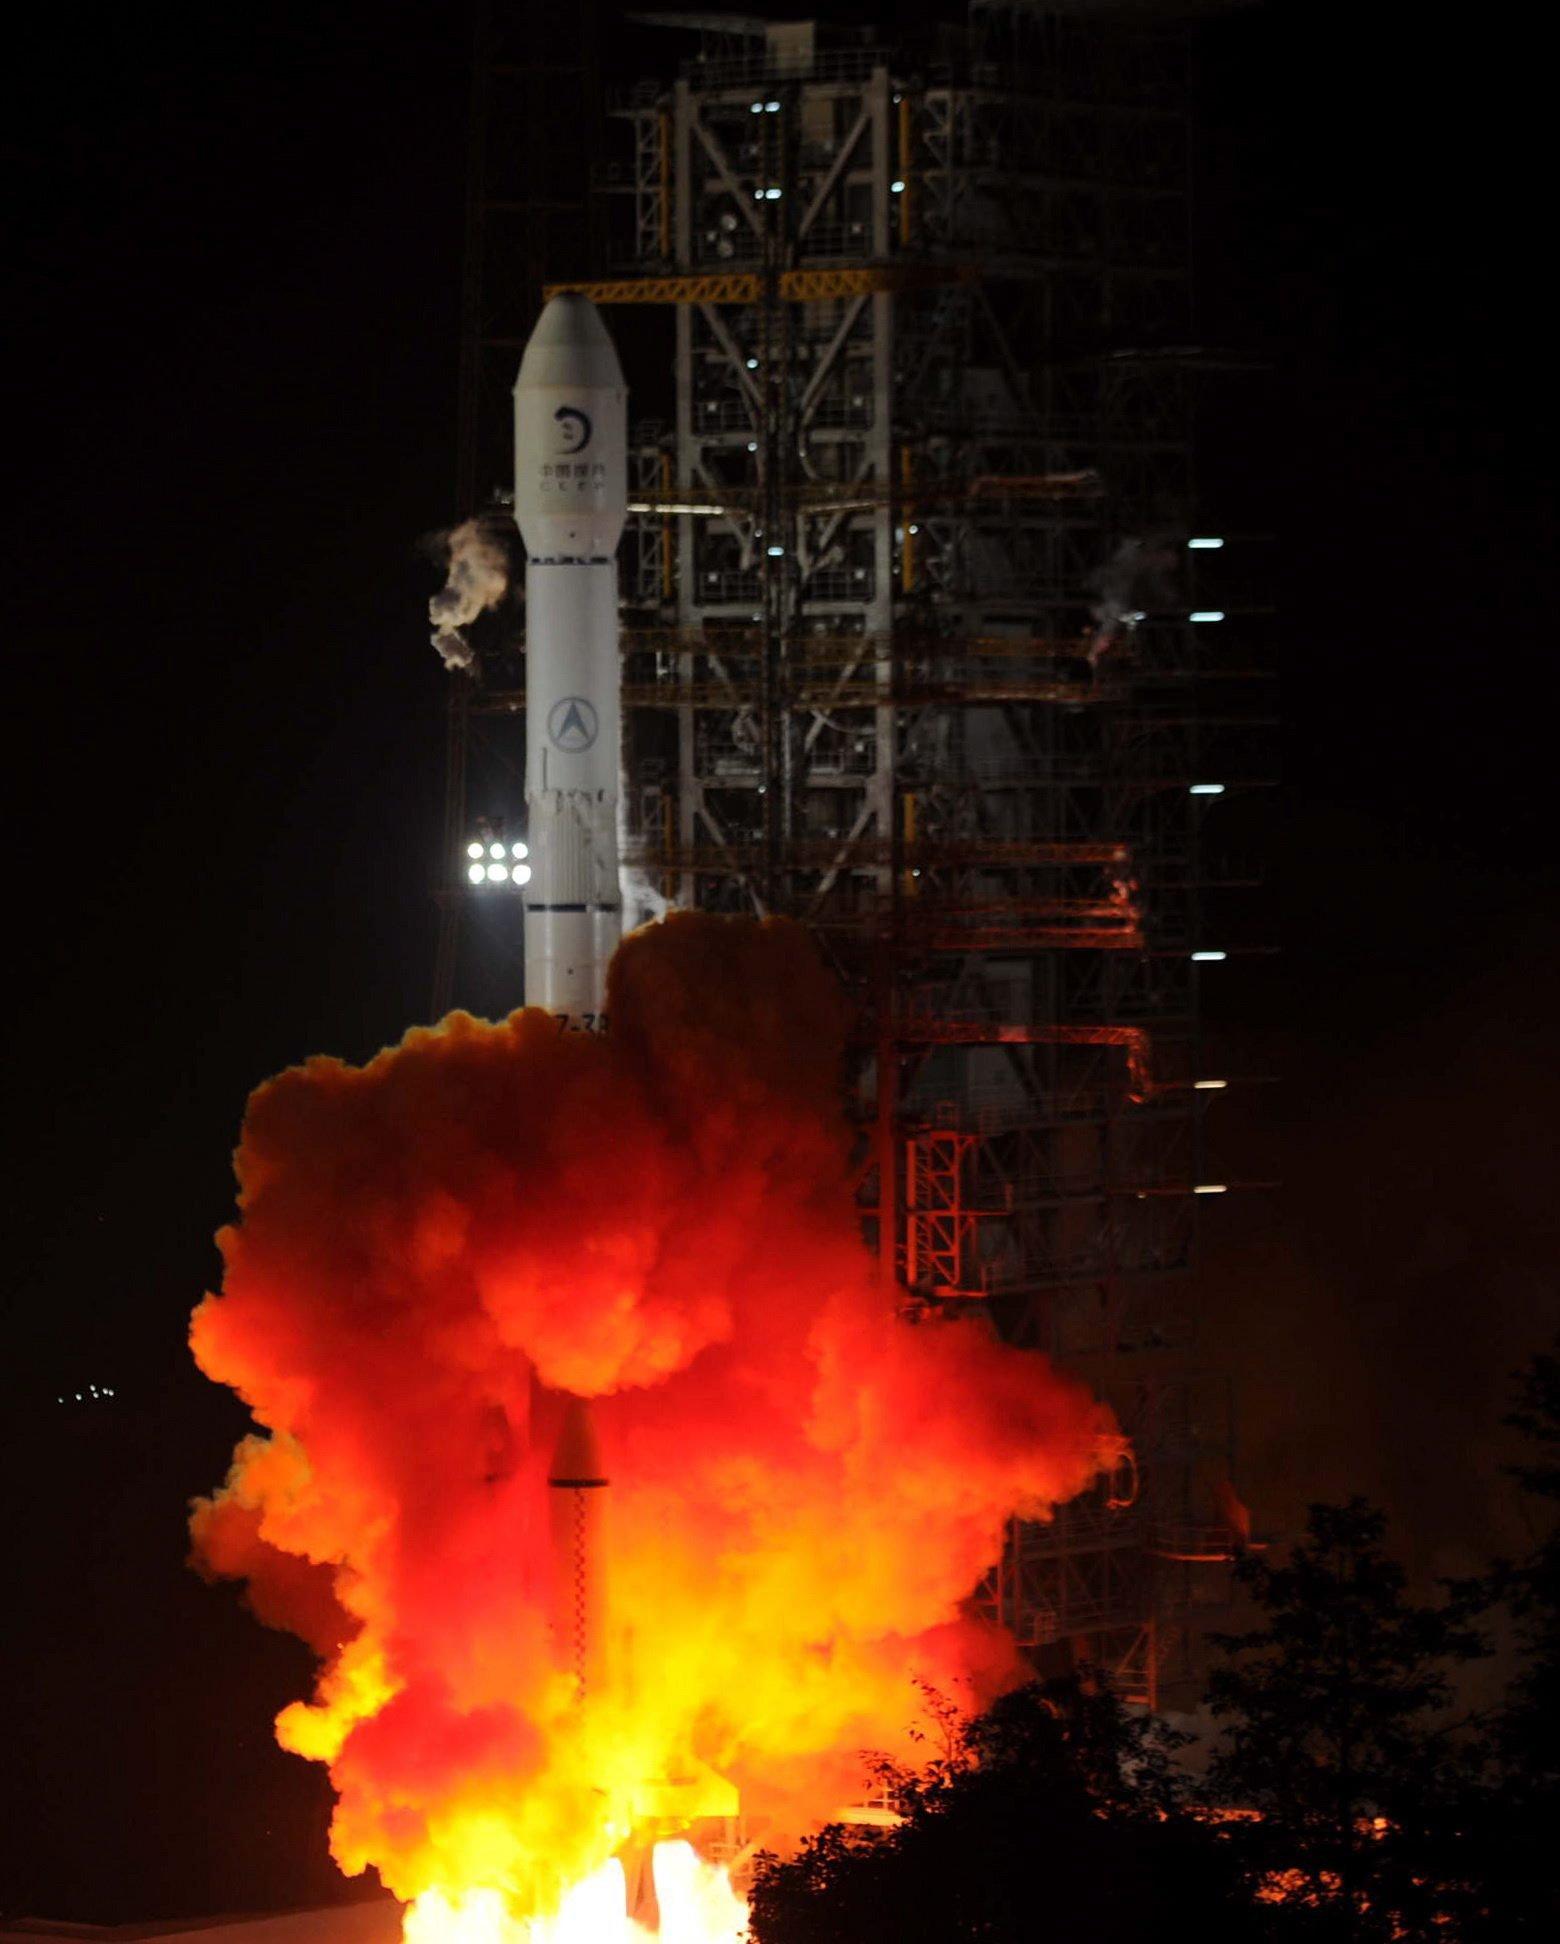 Mission Chang'e-3:Im Dezember 2013 konnte der Orbiter erfolgreich auf dem Mondlanden und dort den Rover Yutu aussetzen. Chang'e-4 hat die erdabgewandte Seite des Mondes zum Ziel. Mit dieser Mission betritt China Neuland.